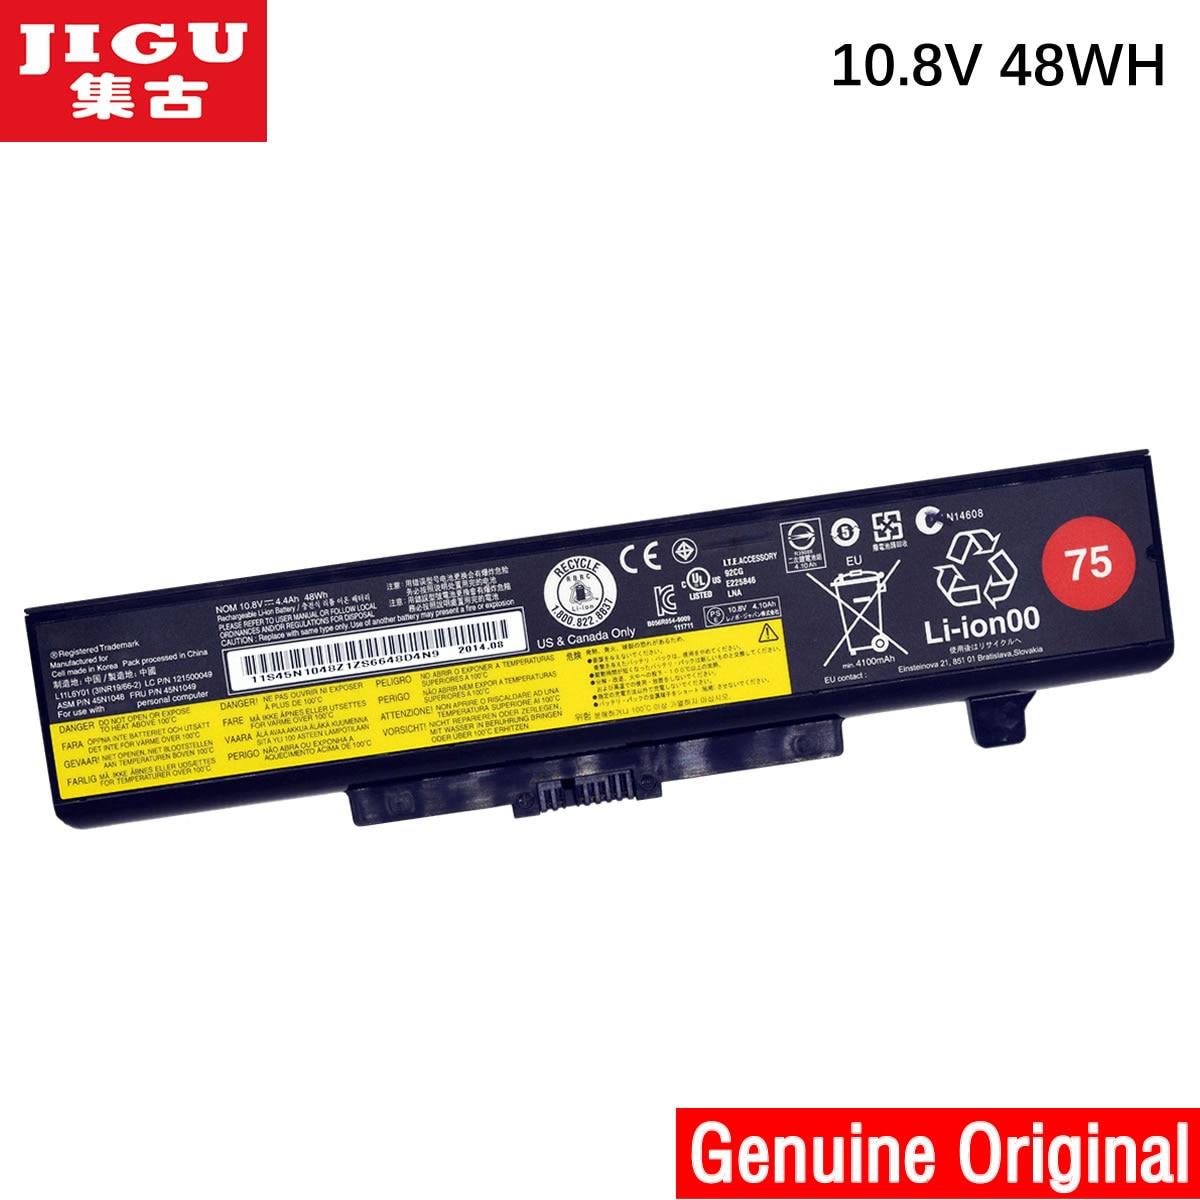 JIGU Original Laptop Battery For Lenovo G480 G485 G500 G510 G580 G585 G700 G710 K49A M490 M495 N581 N586 V480 V480C